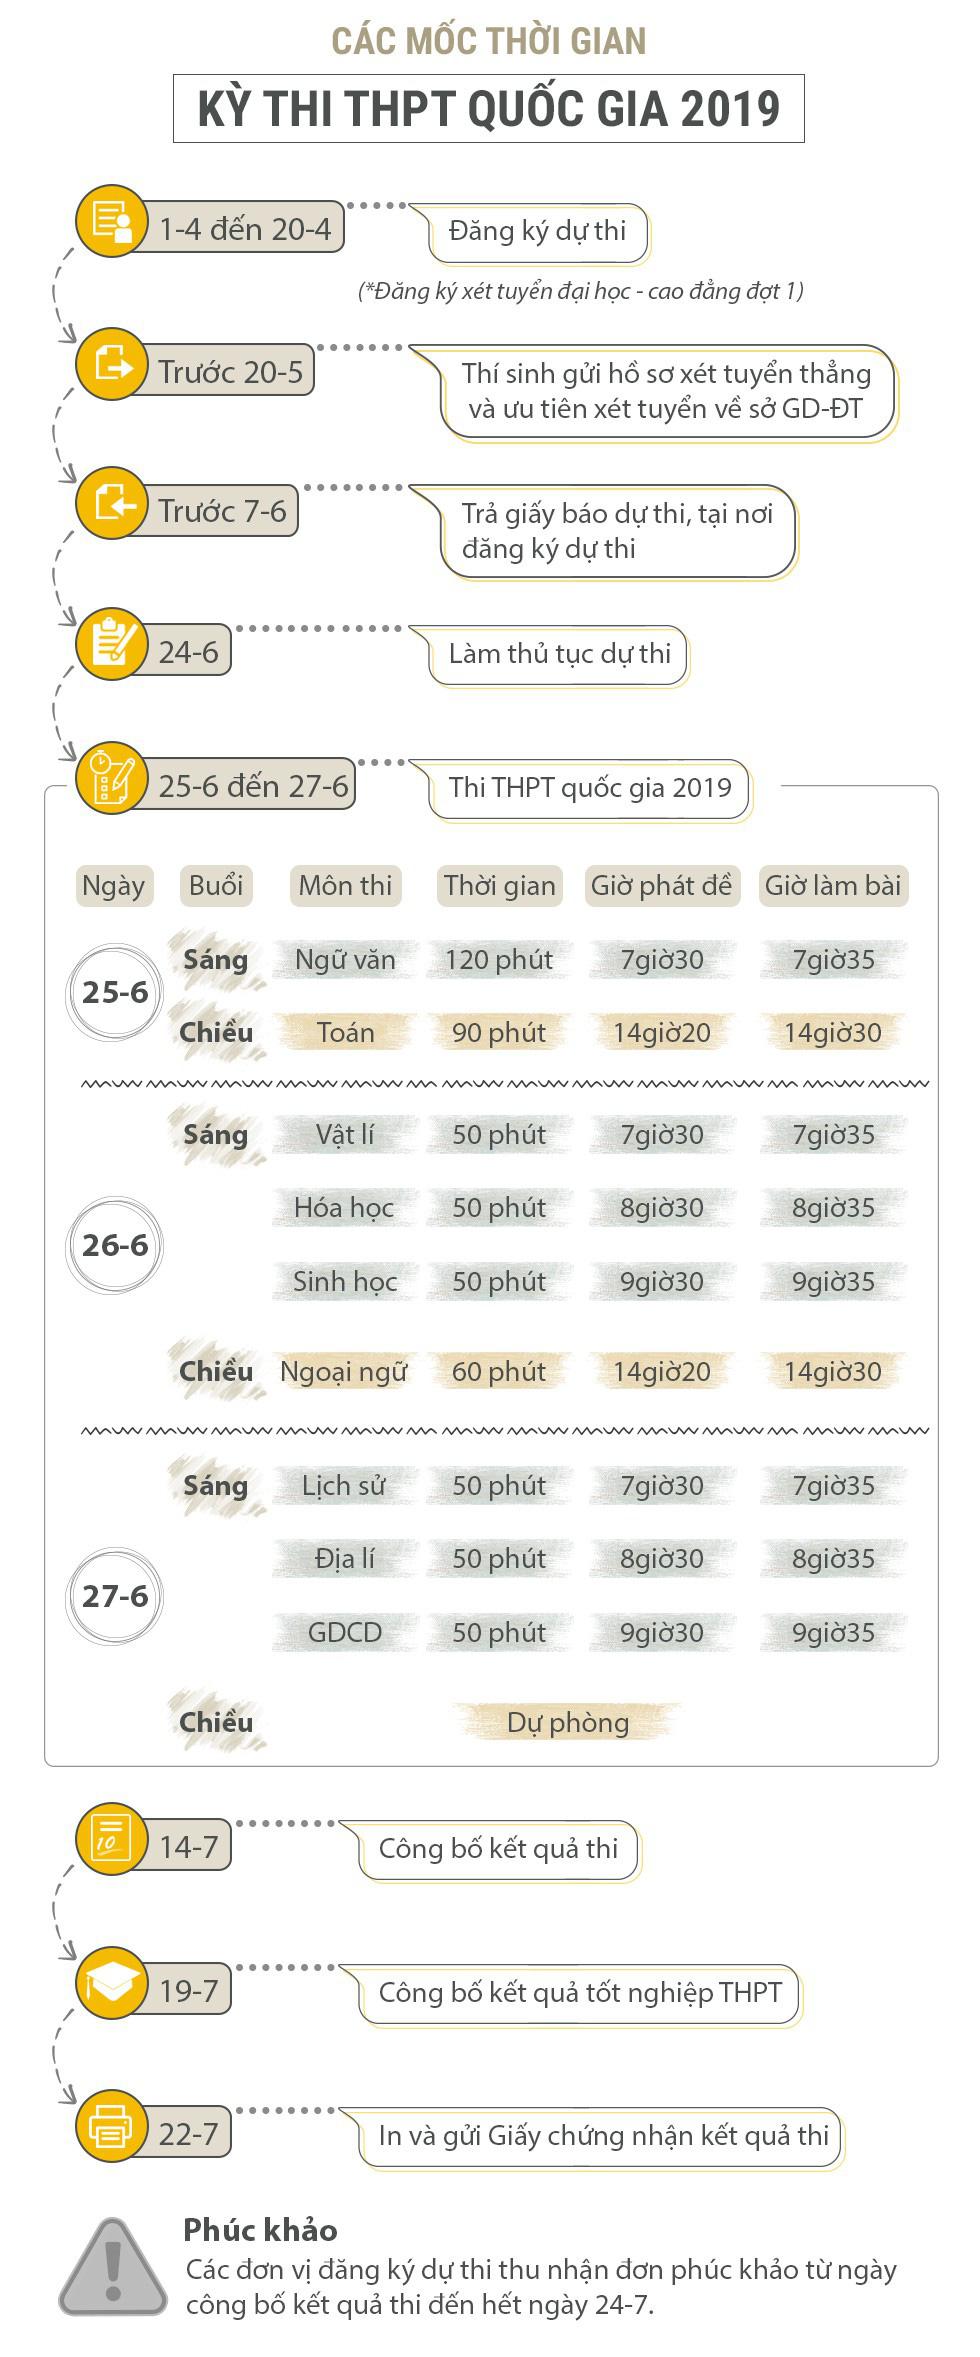 Các mốc thời gian kỳ thi THPT quốc gia 2019 thí sinh cần lưu ý